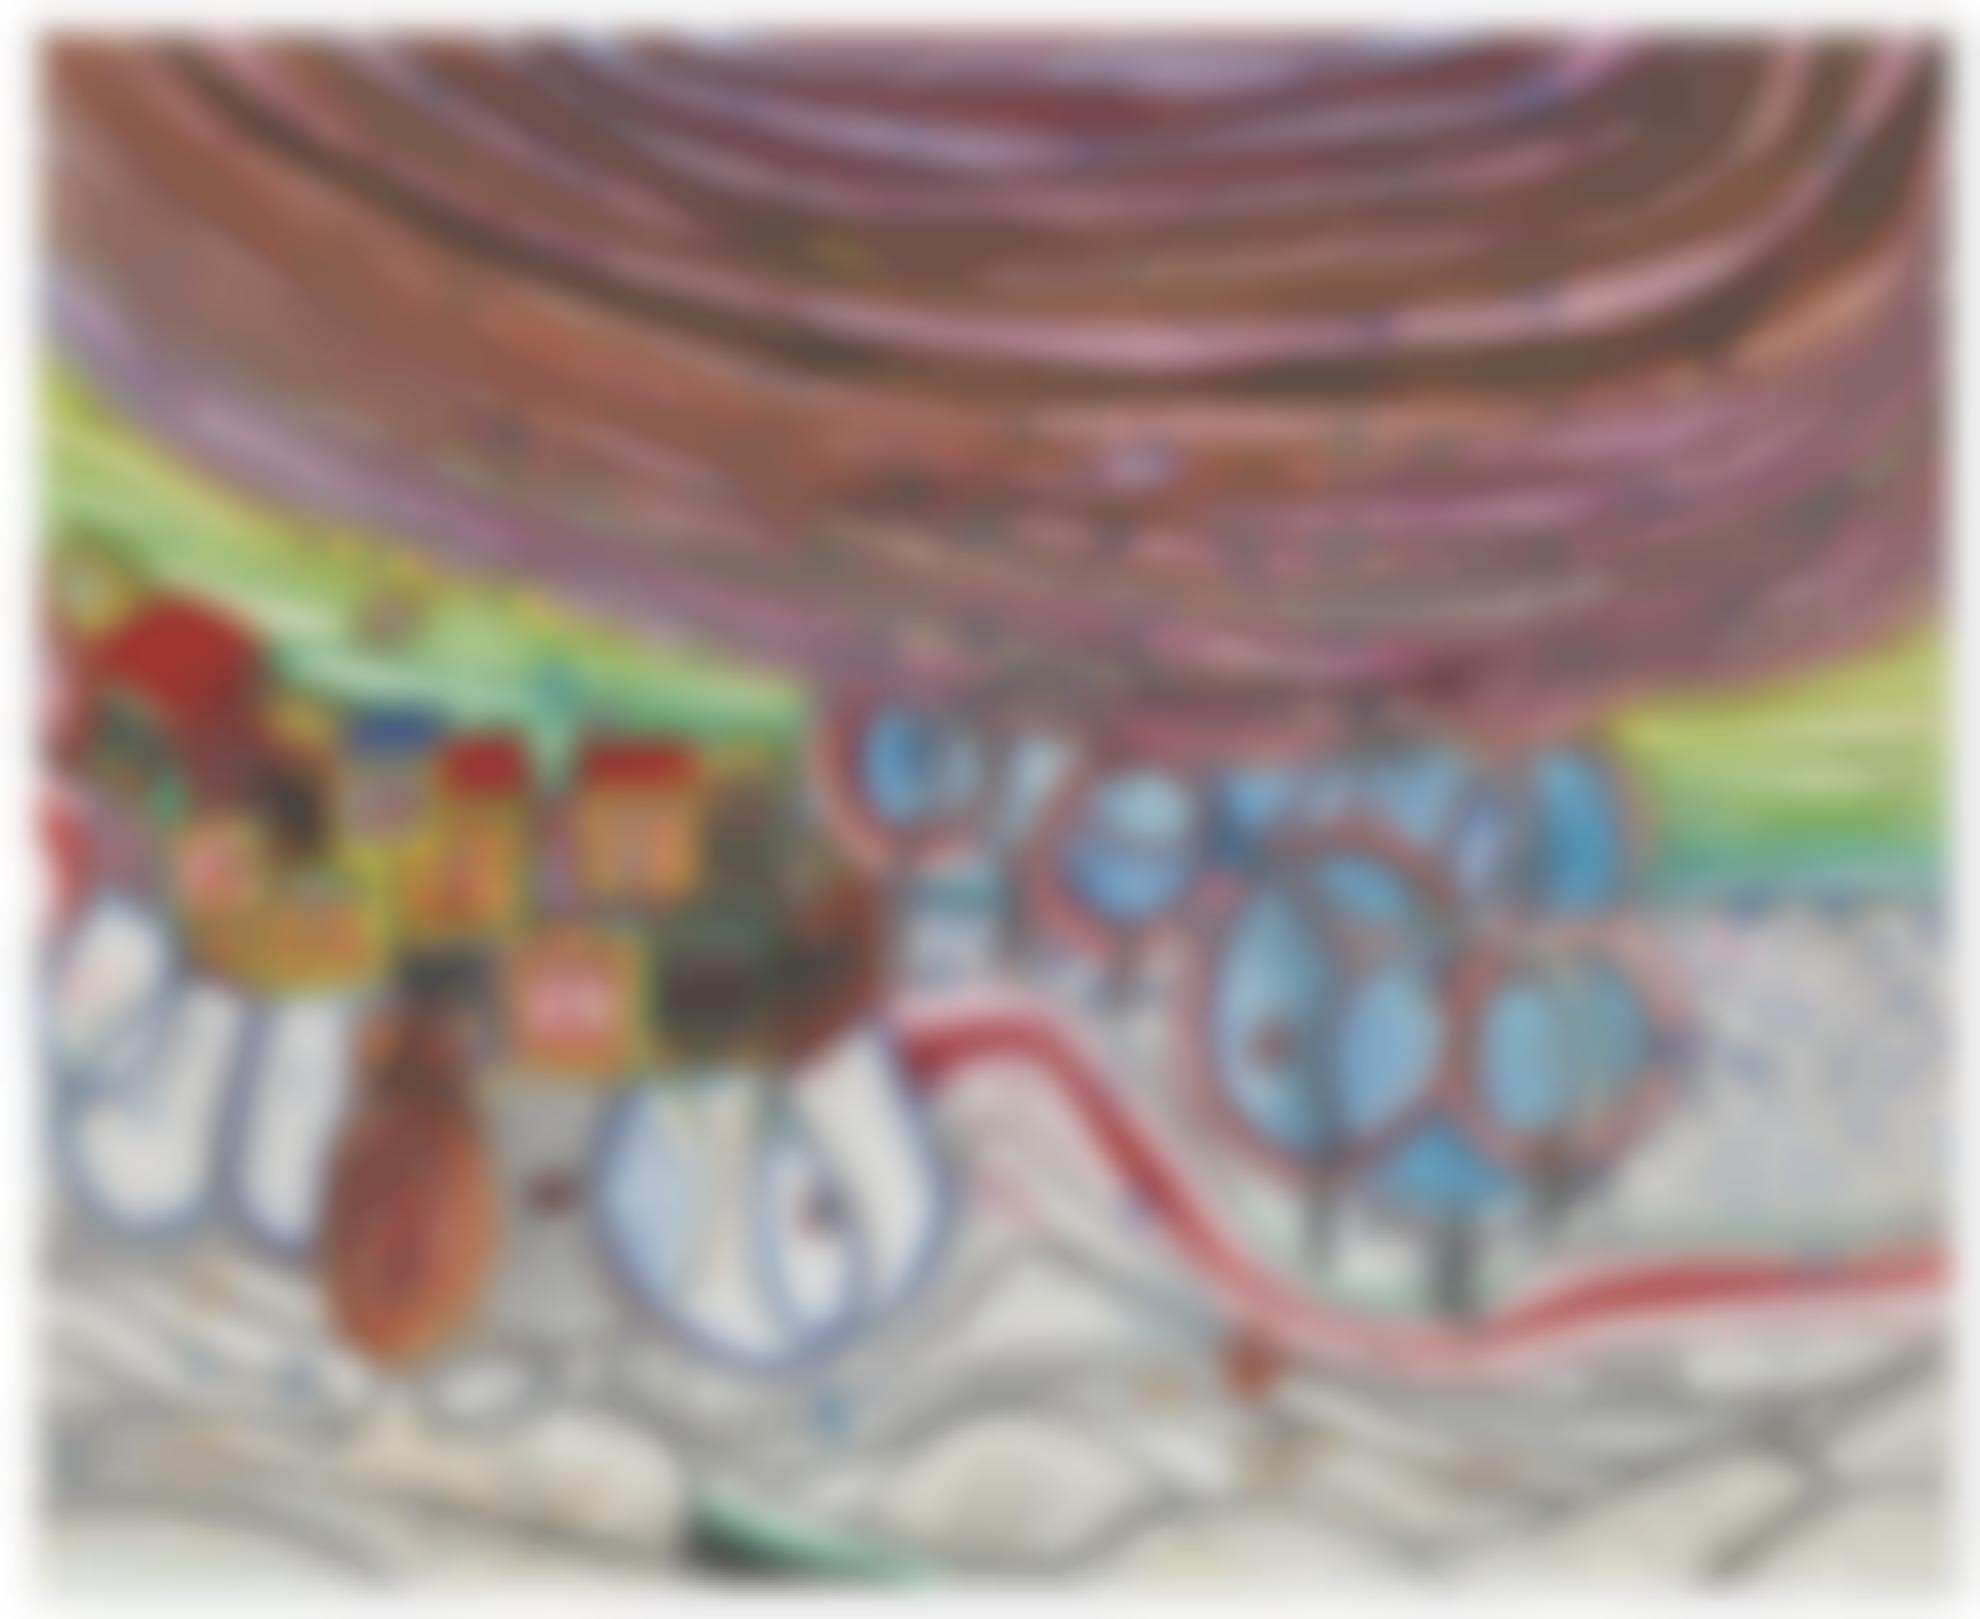 Friedensreich Hundertwasser-Die Hangende Wolke Im Winter - Die Schauspieler - Wintertournee (The Hanging Cloud In Winter - The Actors - Winter Tour)-1972